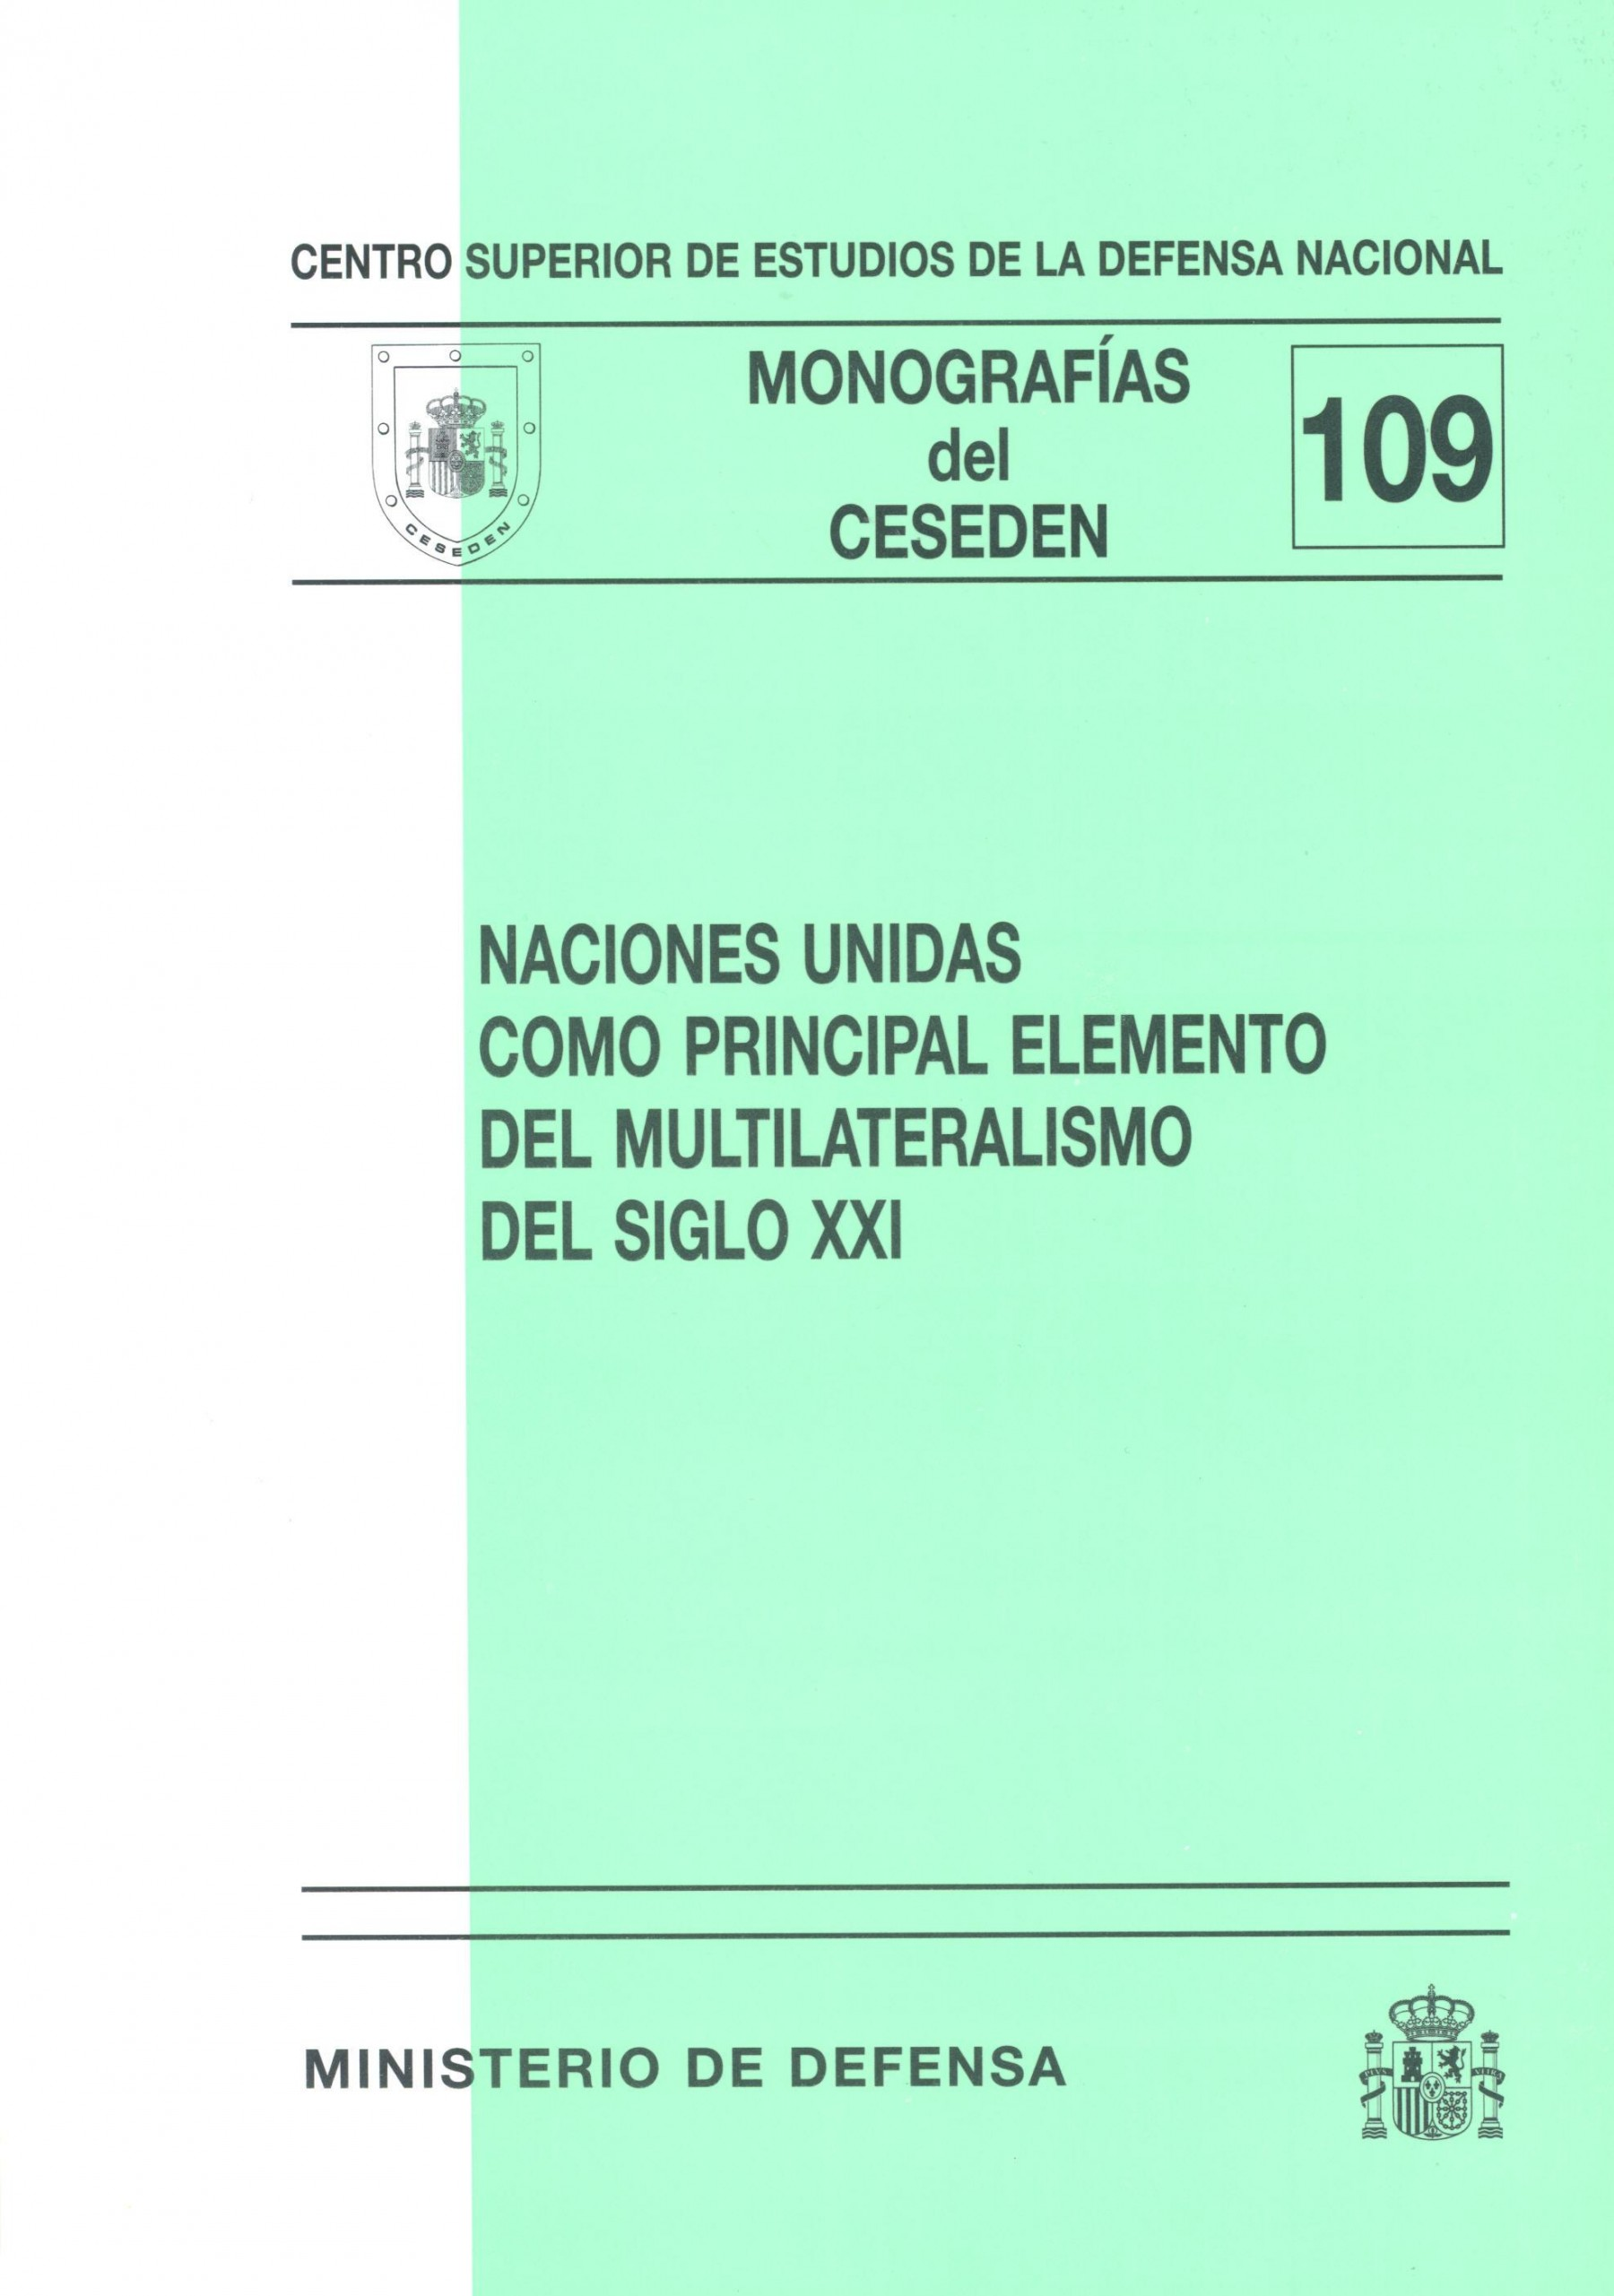 NACIONES UNIDAS COMO PRINCIPAL ELEMENTO DEL MULTILATERALISMO DEL SIGLO XXI